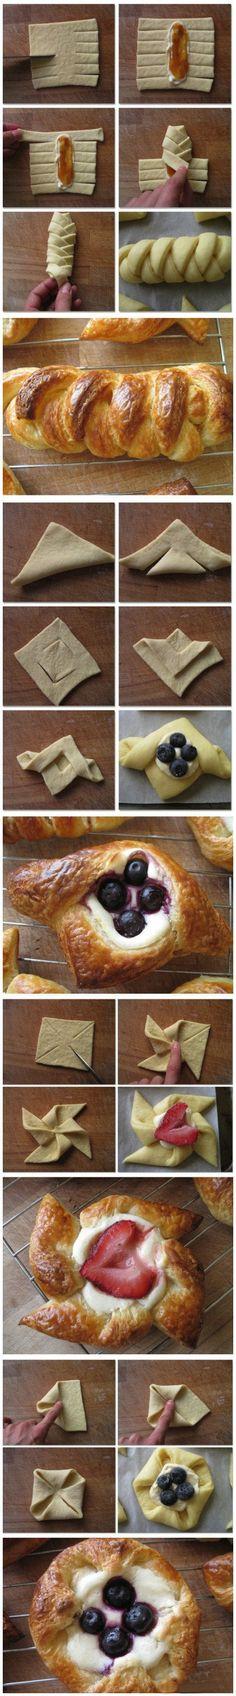 [Workshop] fancy bread ..